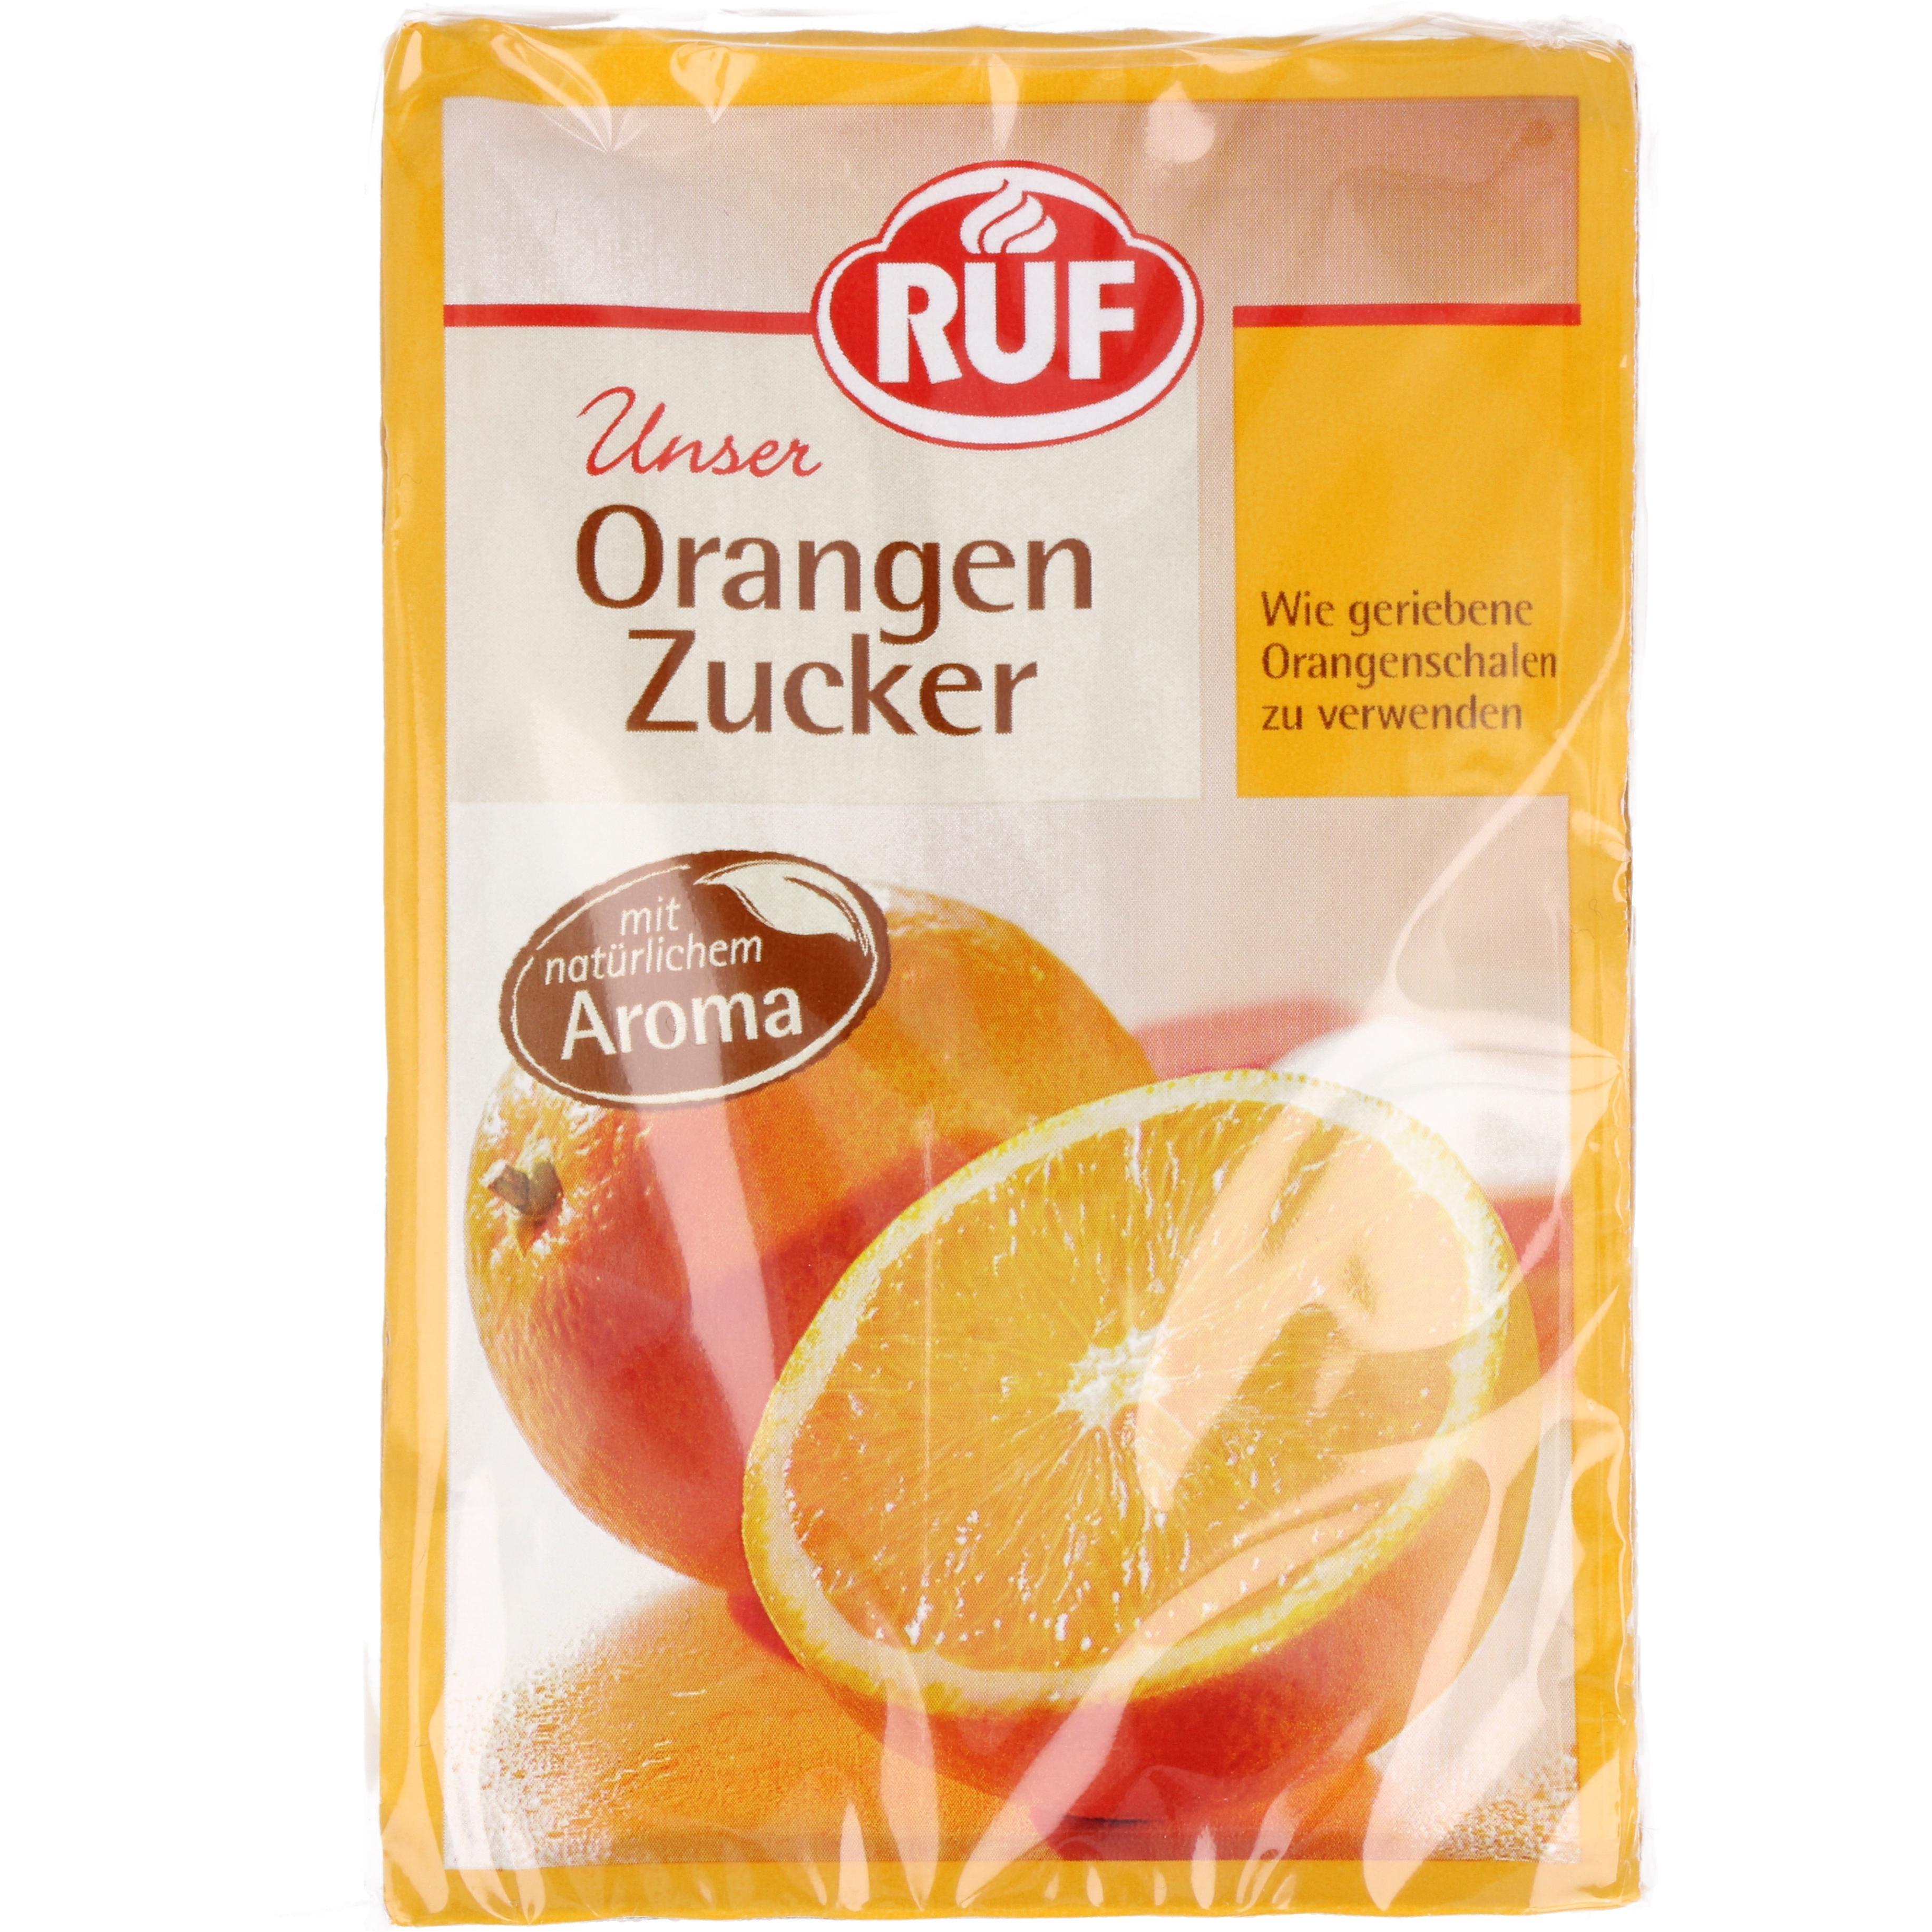 Ruf Orangen-Zucker 30g